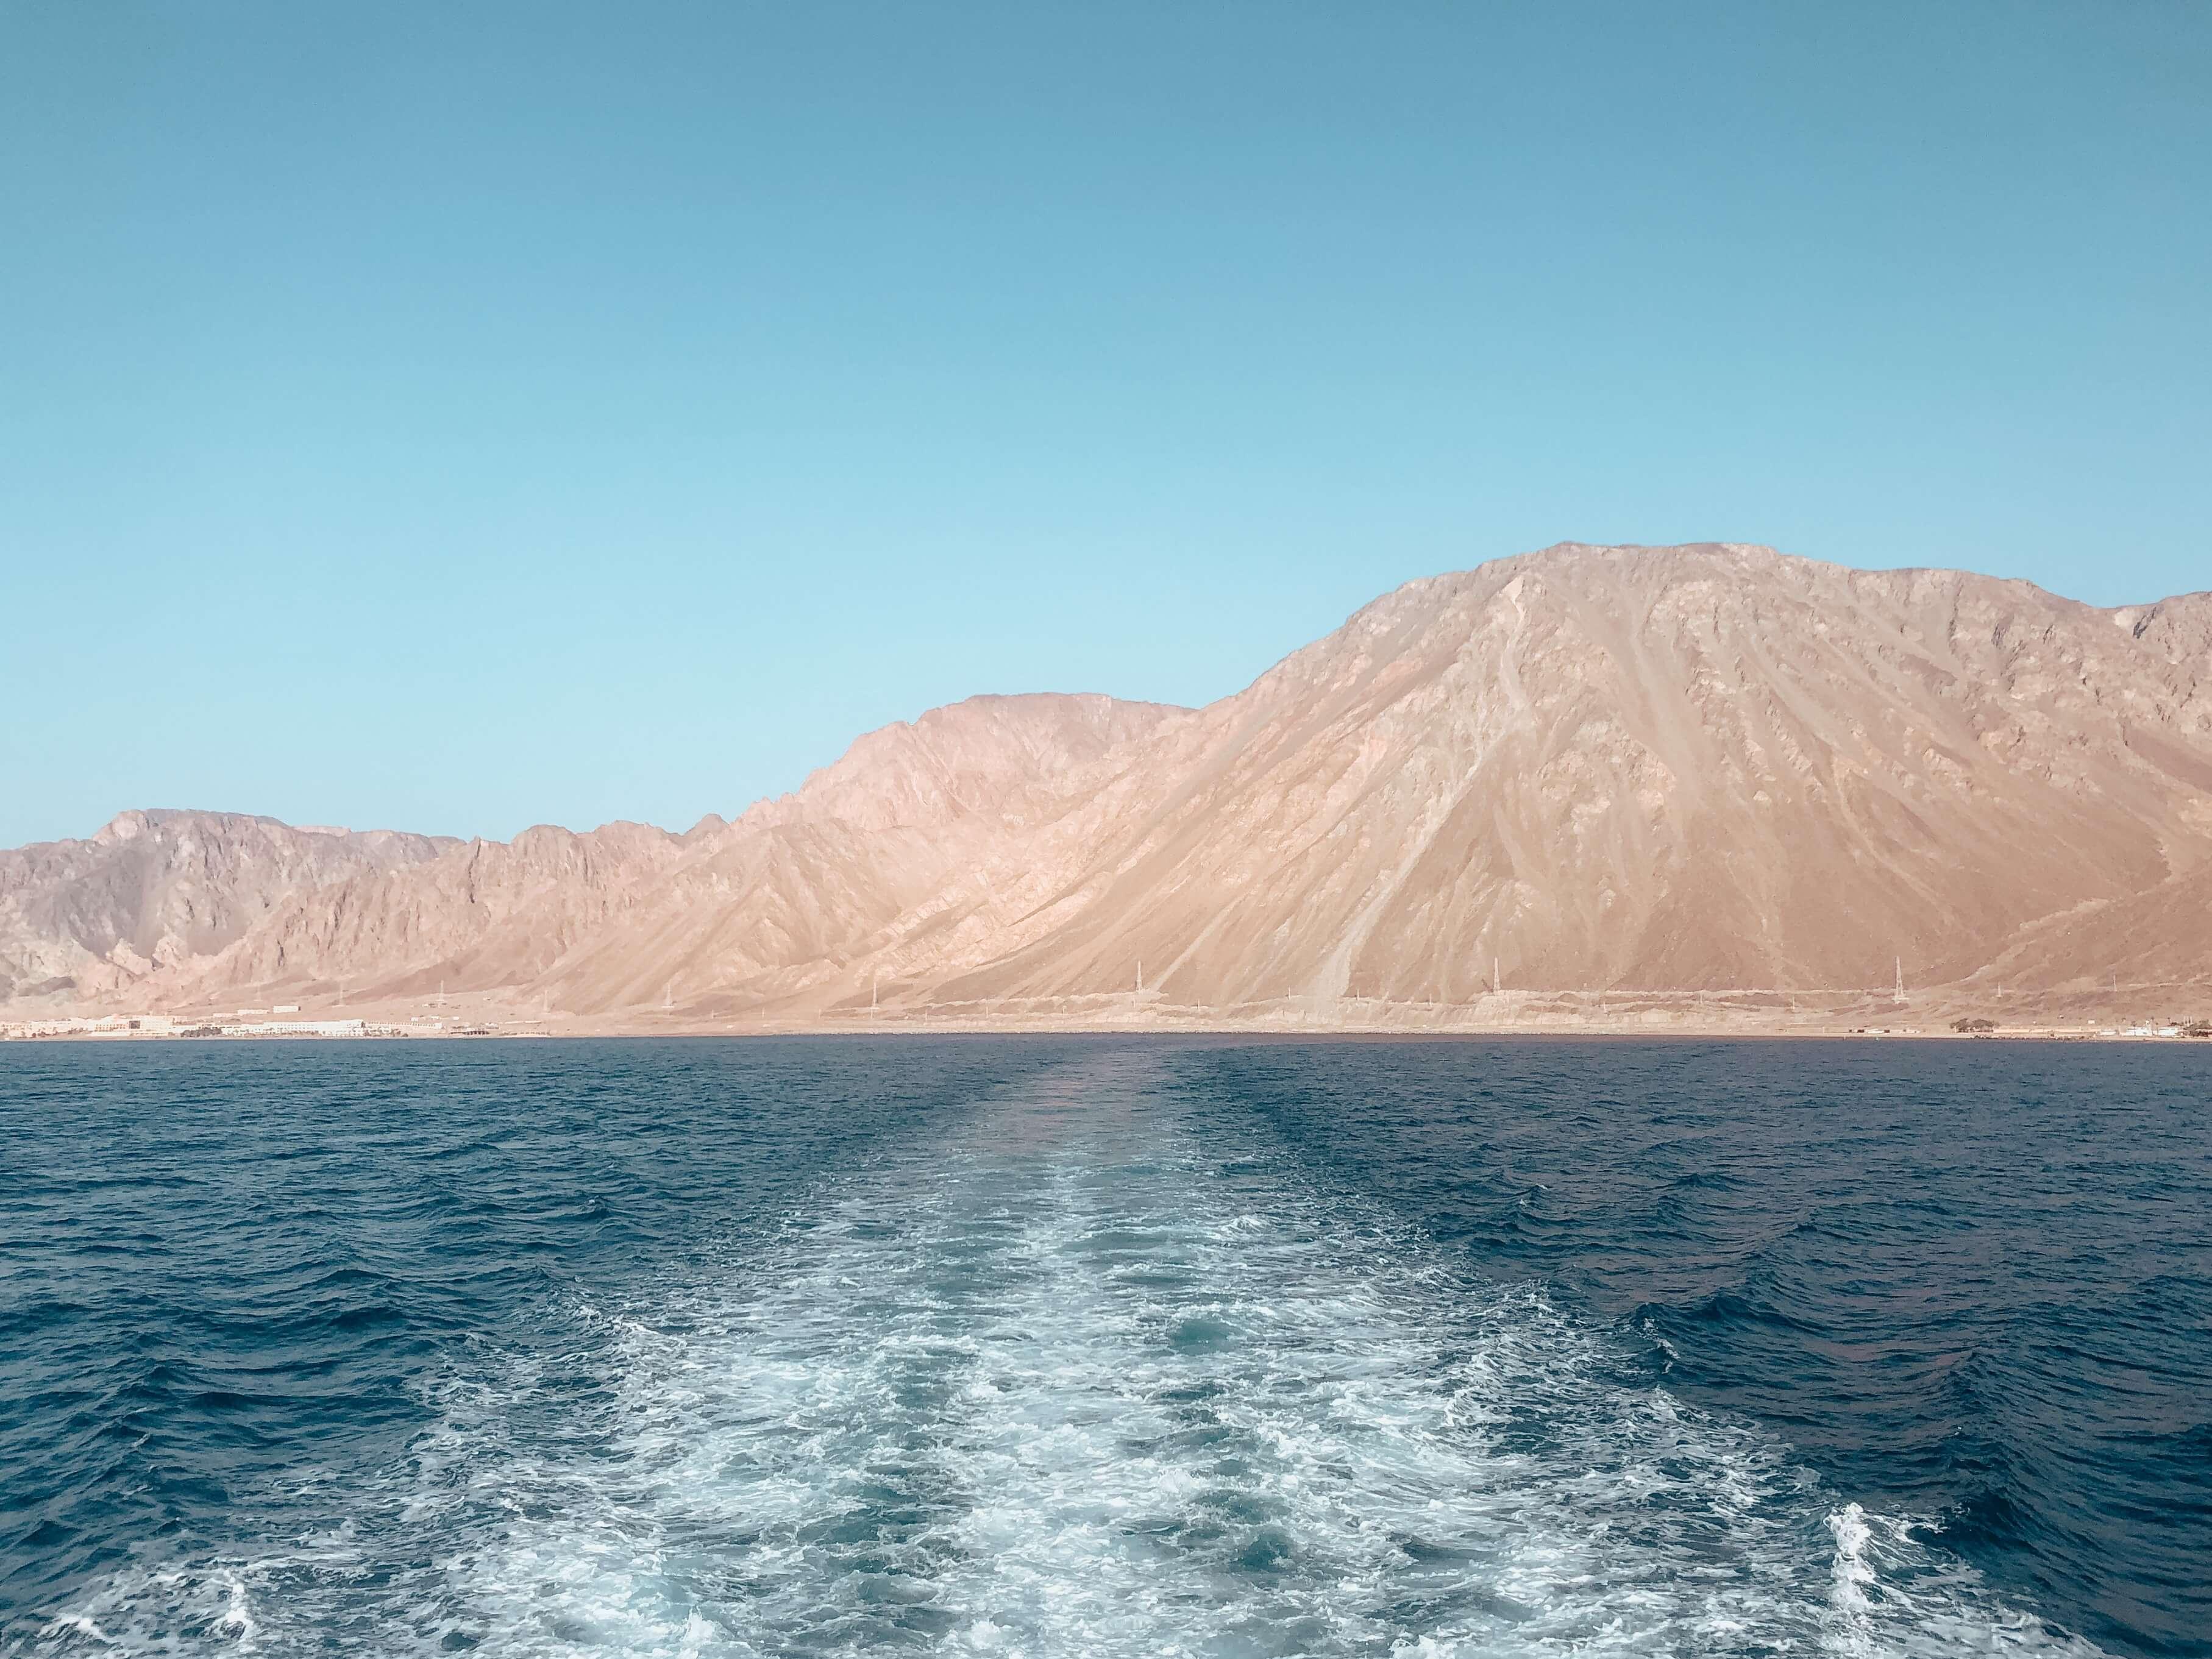 Na výlet do Petry sa môžete vybrať napríklad z Egypta. Cestou trajektom uvidíte naraz egyptské, izraelské, jordánske aj saudskoarabské pobrežie.